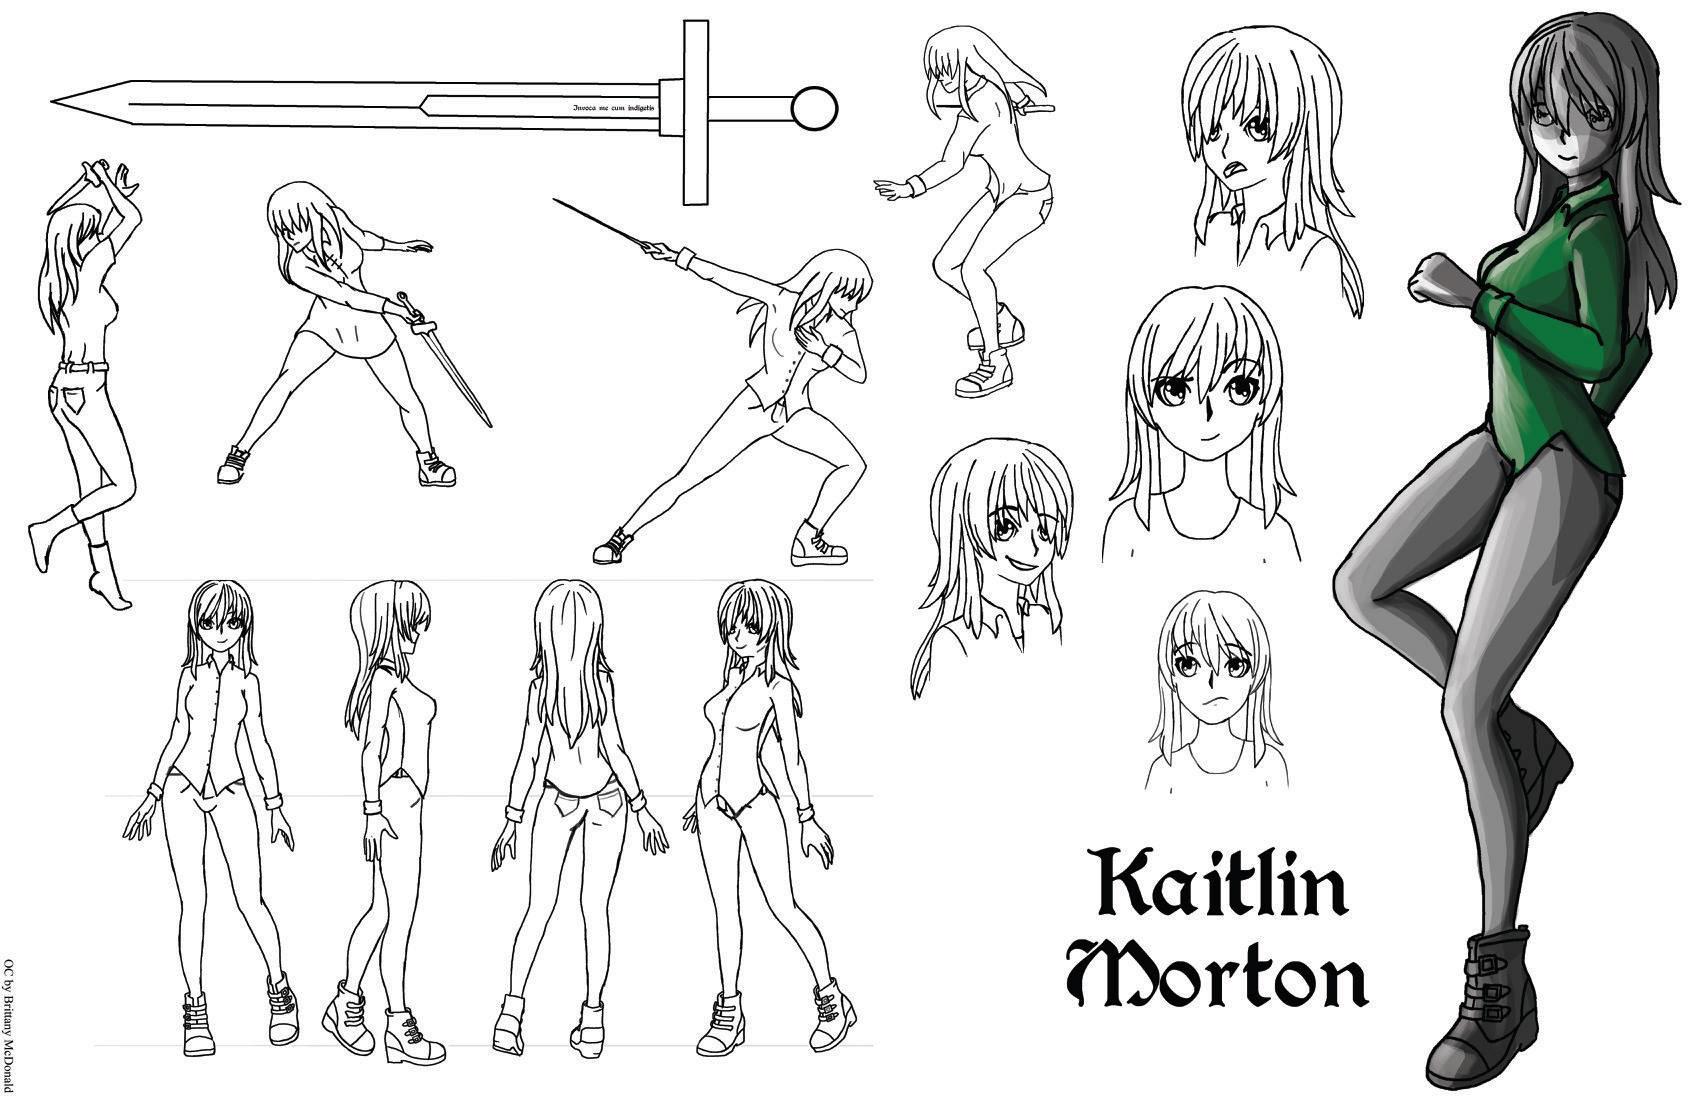 Kaitlin Morton